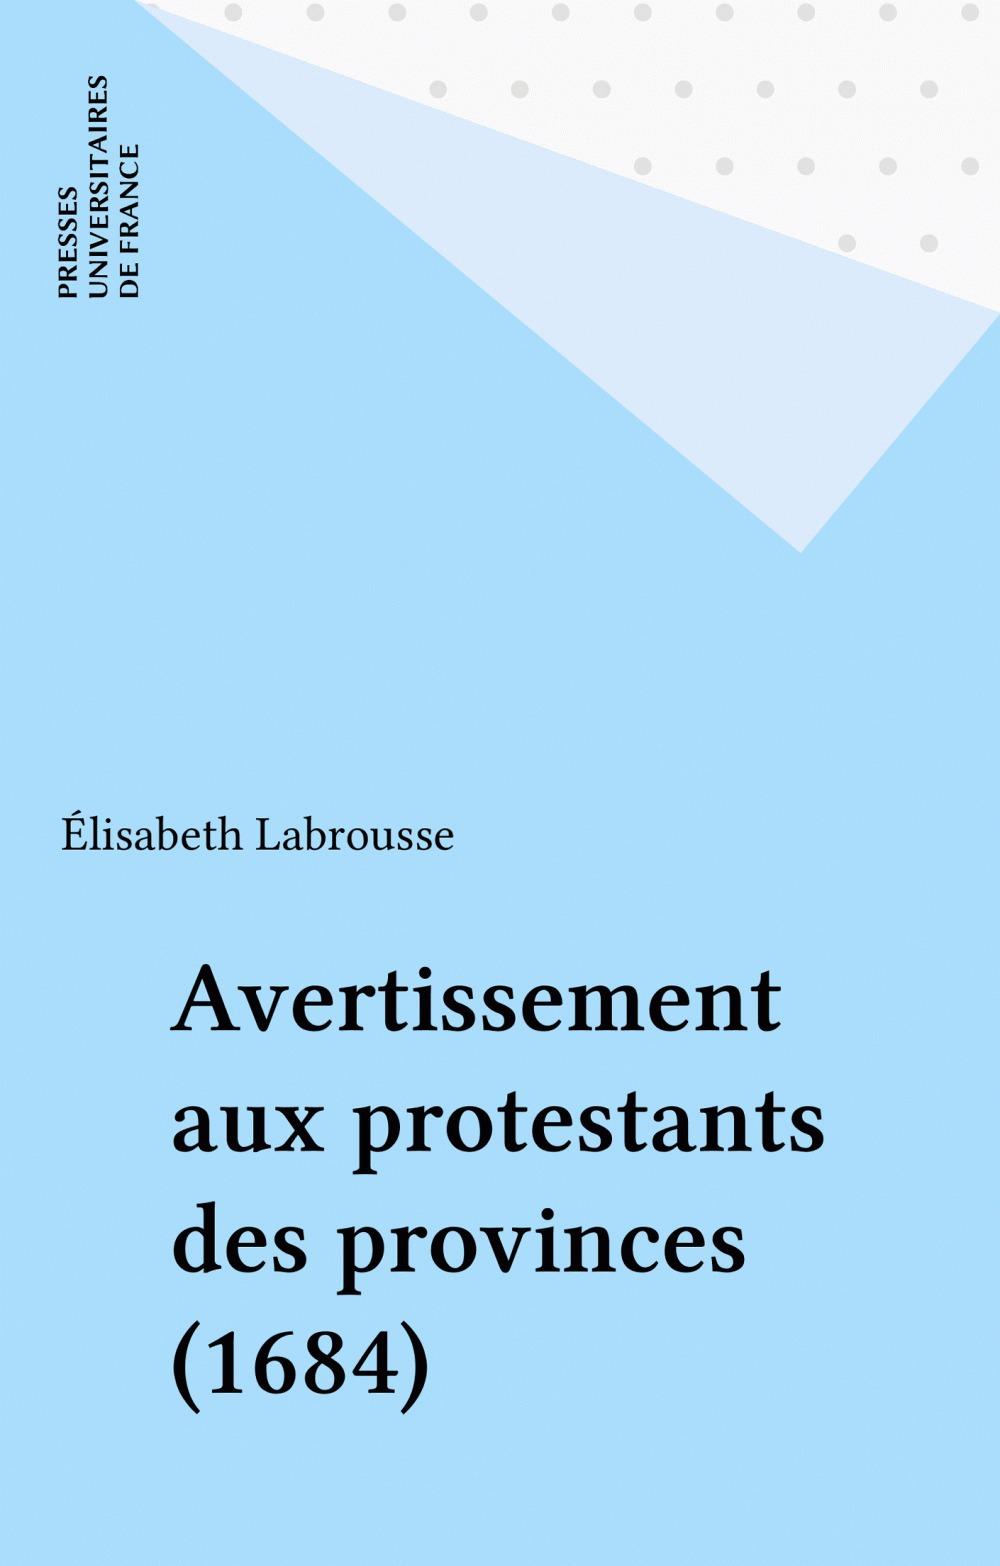 Avertissement aux protestants des provinces (1684)  - Guillaume Le Blanc  - Élisabeth Labrousse